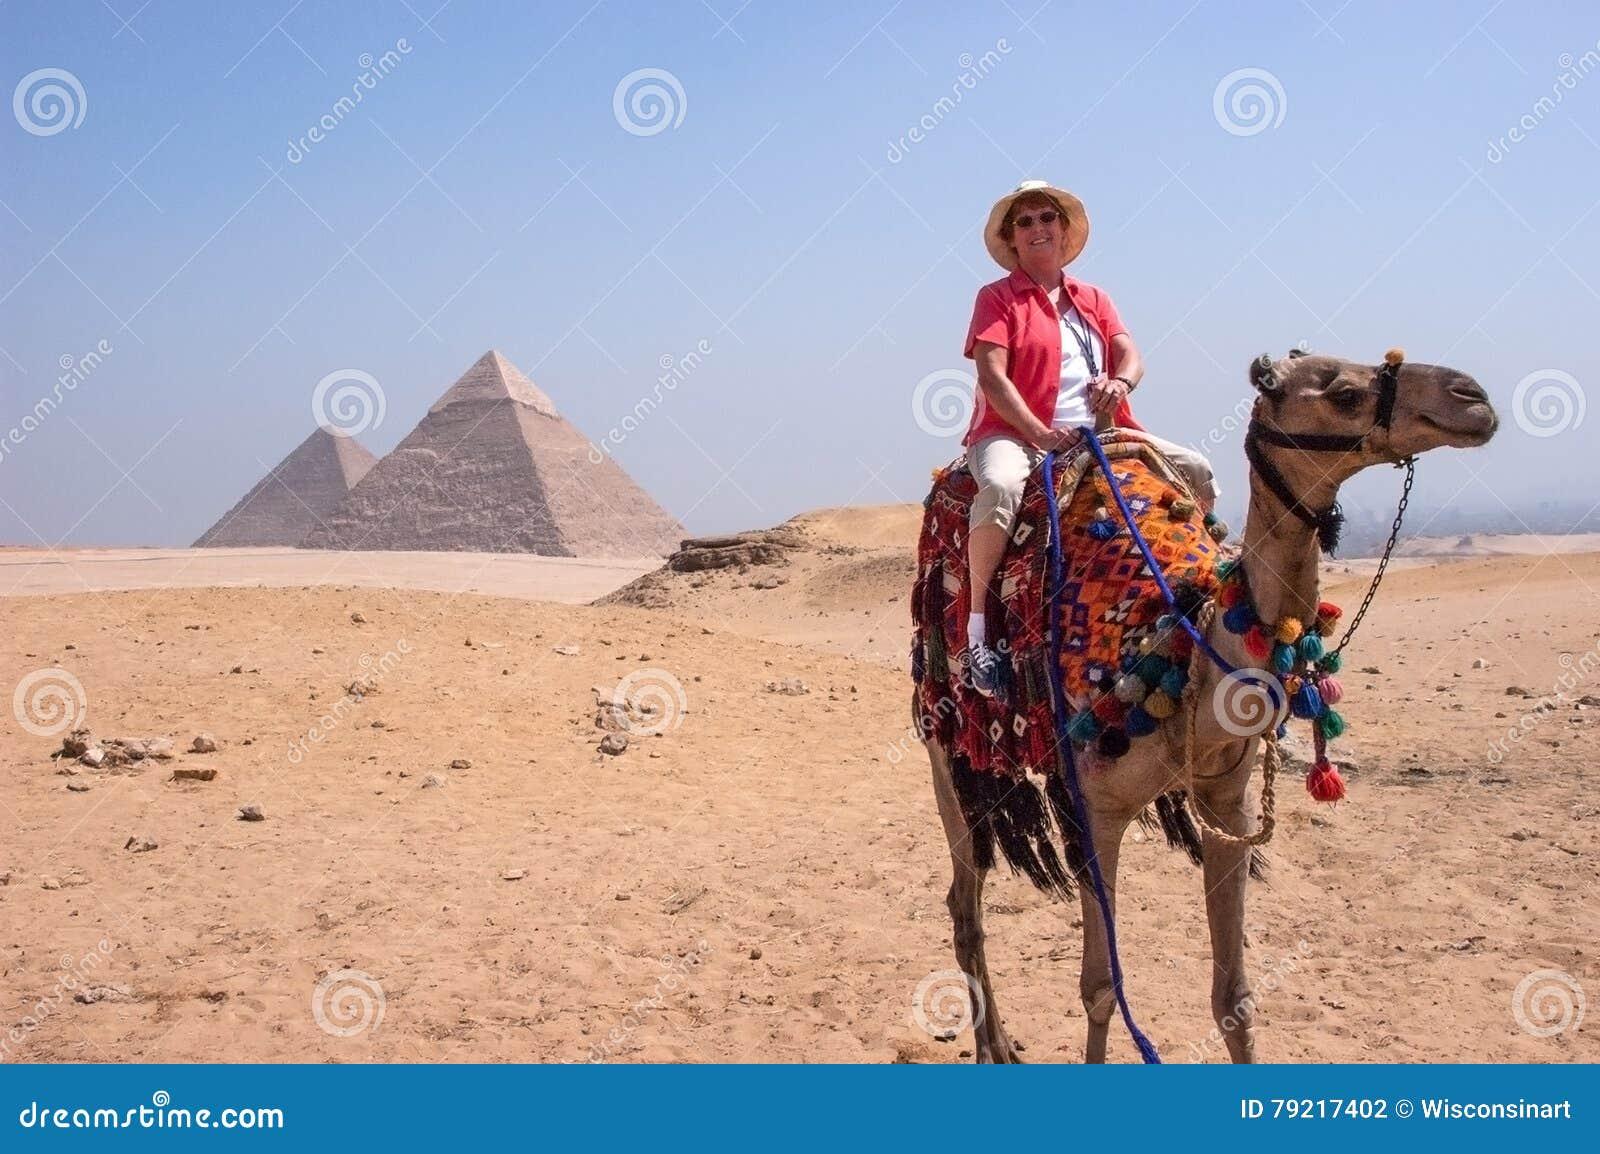 Turista, pirâmide de Egito, curso, férias